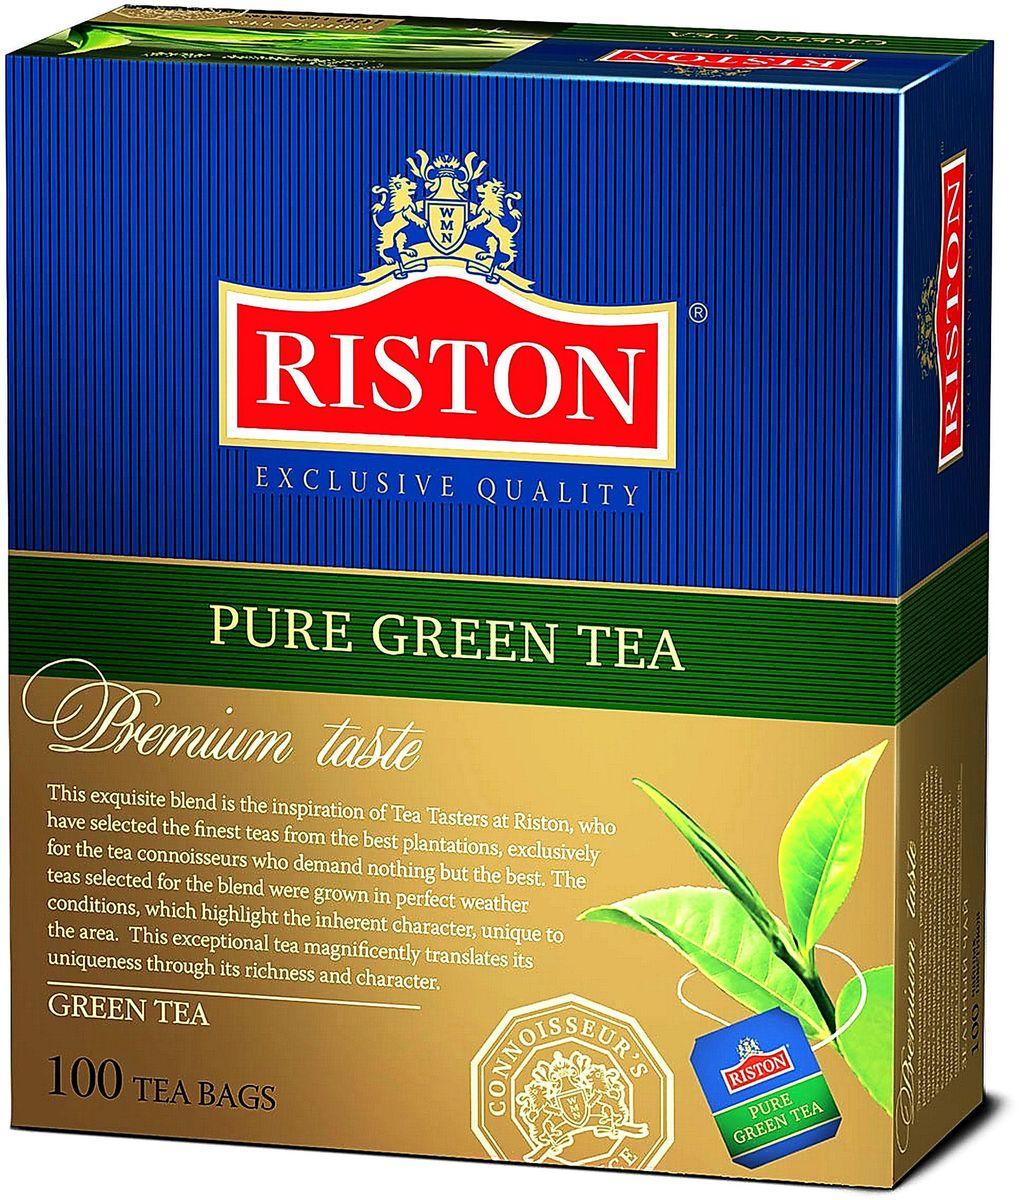 Riston Green зеленый чай в пакетиках, 100 шт4792156005478Зеленый чай Riston высшей категории с насыщенным терпким вкусом и изысканным ароматом. Мягкий золотистый настой напитка помогает расслабиться и почувствовать отдохновение после длинного насыщенного дня.